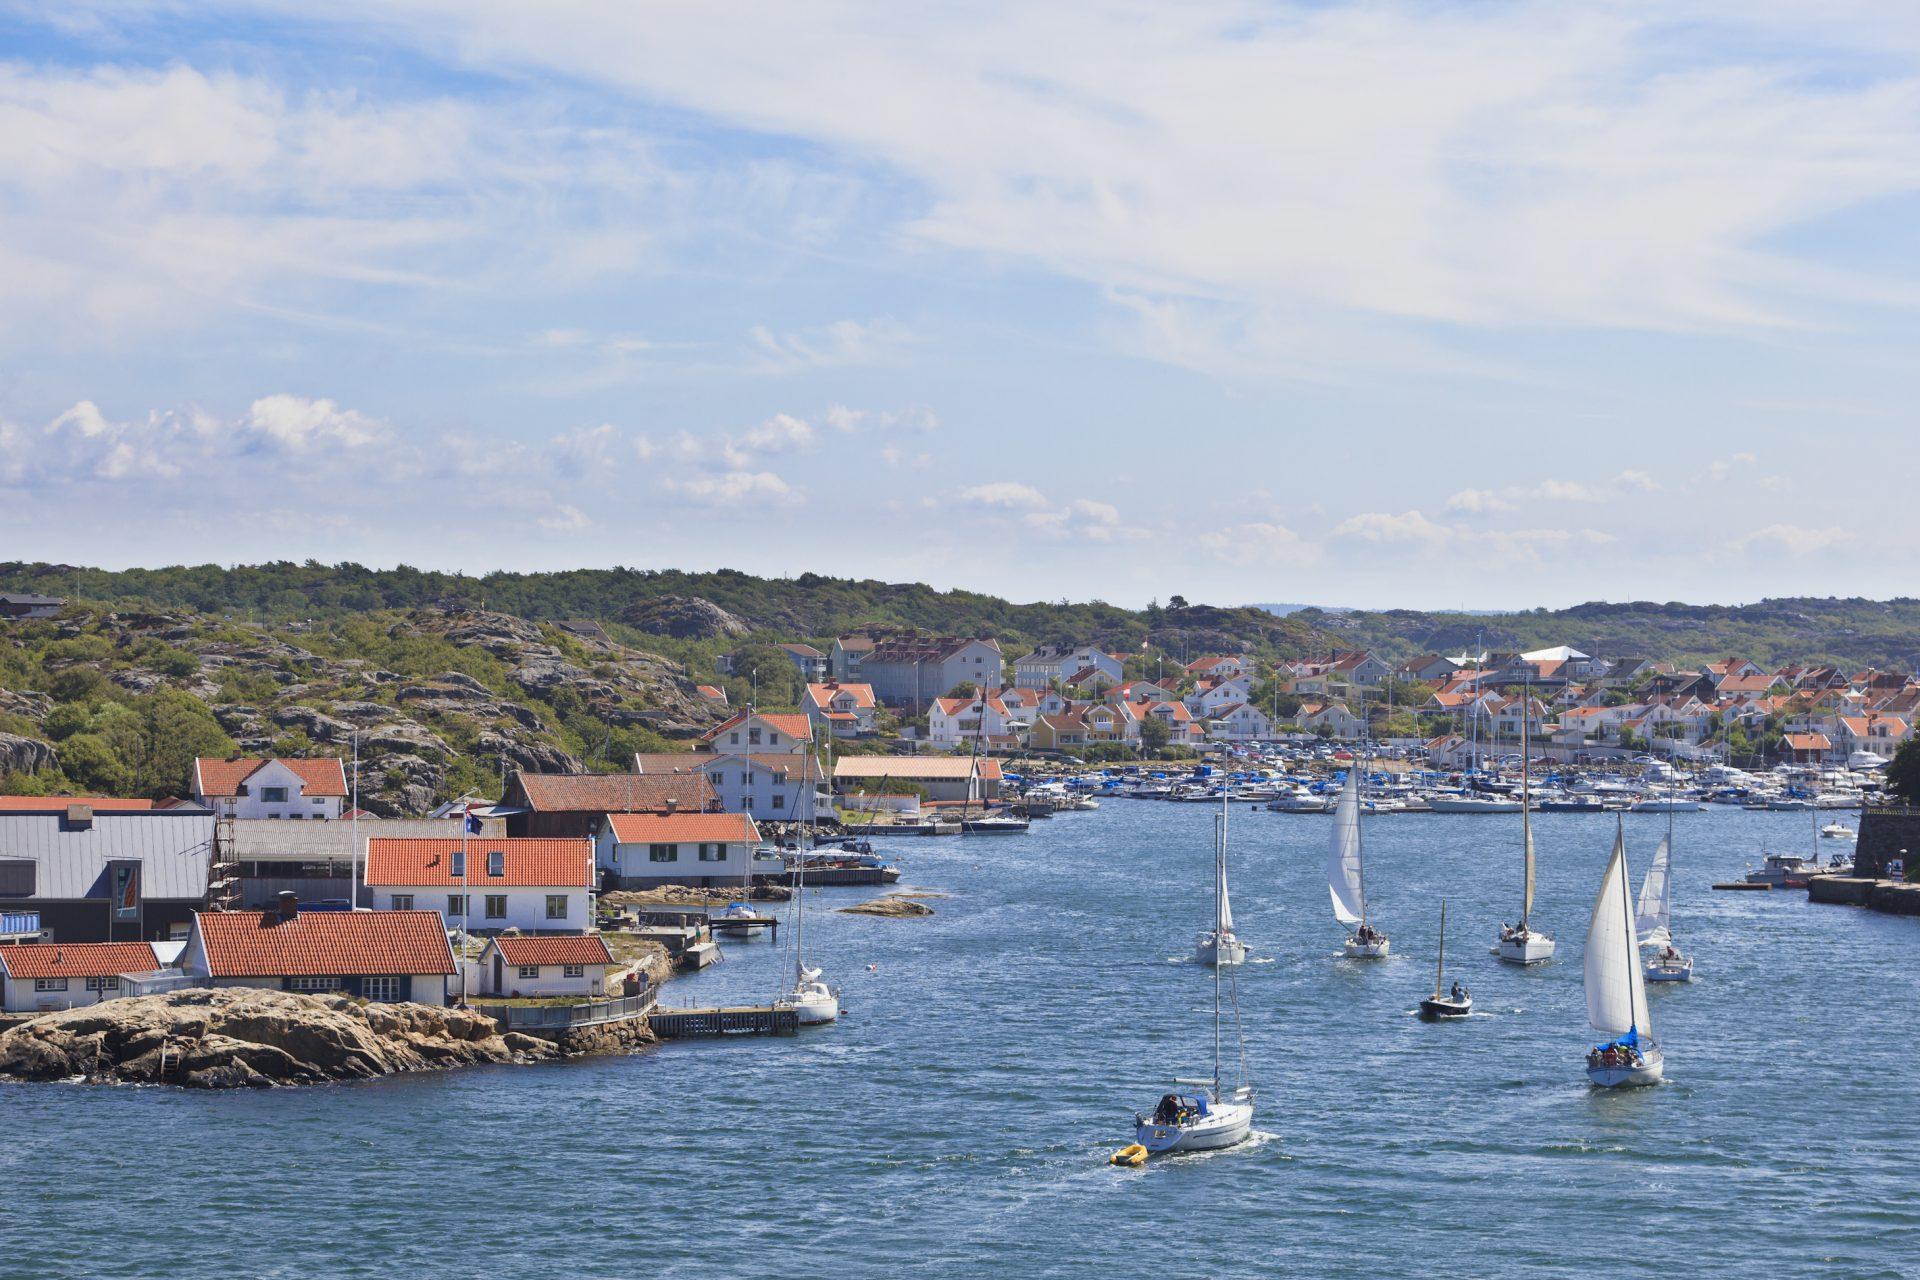 Marstrand harbour